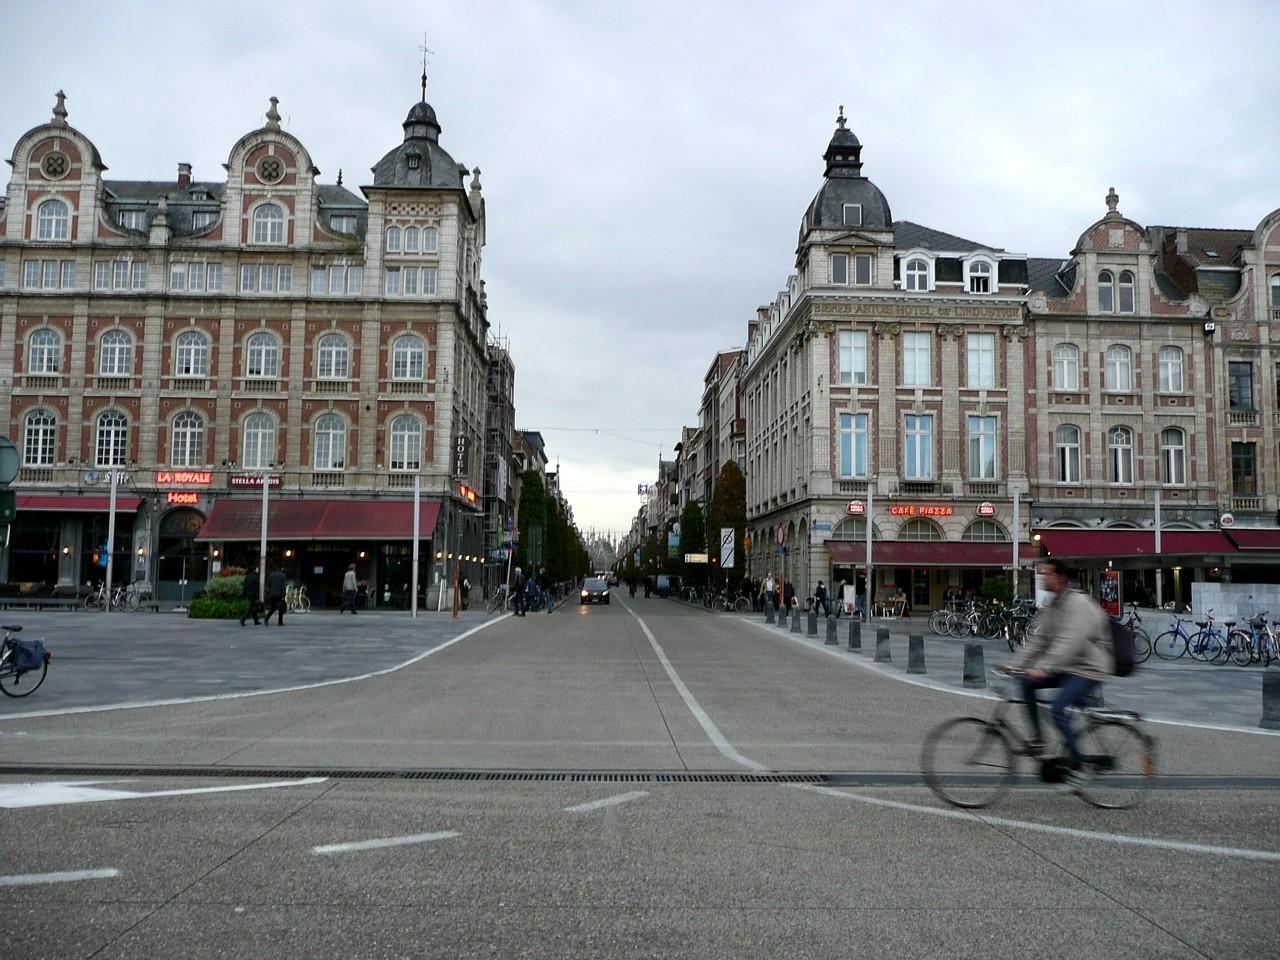 Mon expérience à Louvain (Belgique), par Cedric